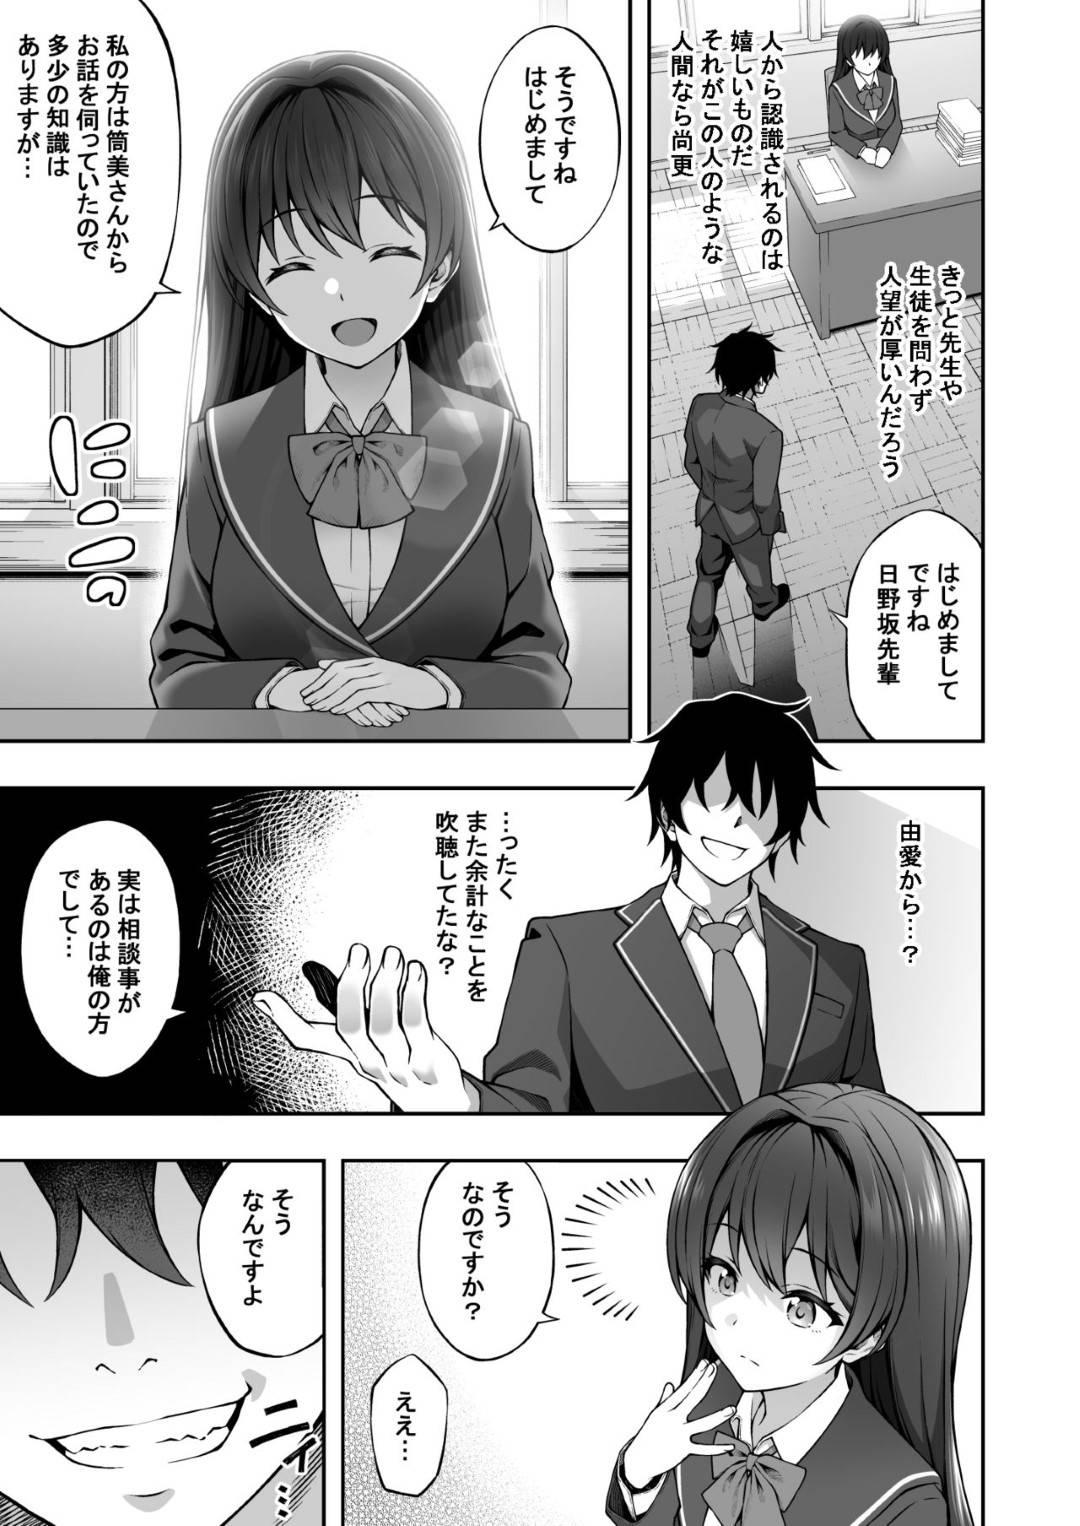 【催眠エロ漫画】鈴木は生徒会長に催眠術をかけてフェラをさせ処女マンコにチンコを挿入し処女喪失させる【どうしょく/INAGITA】